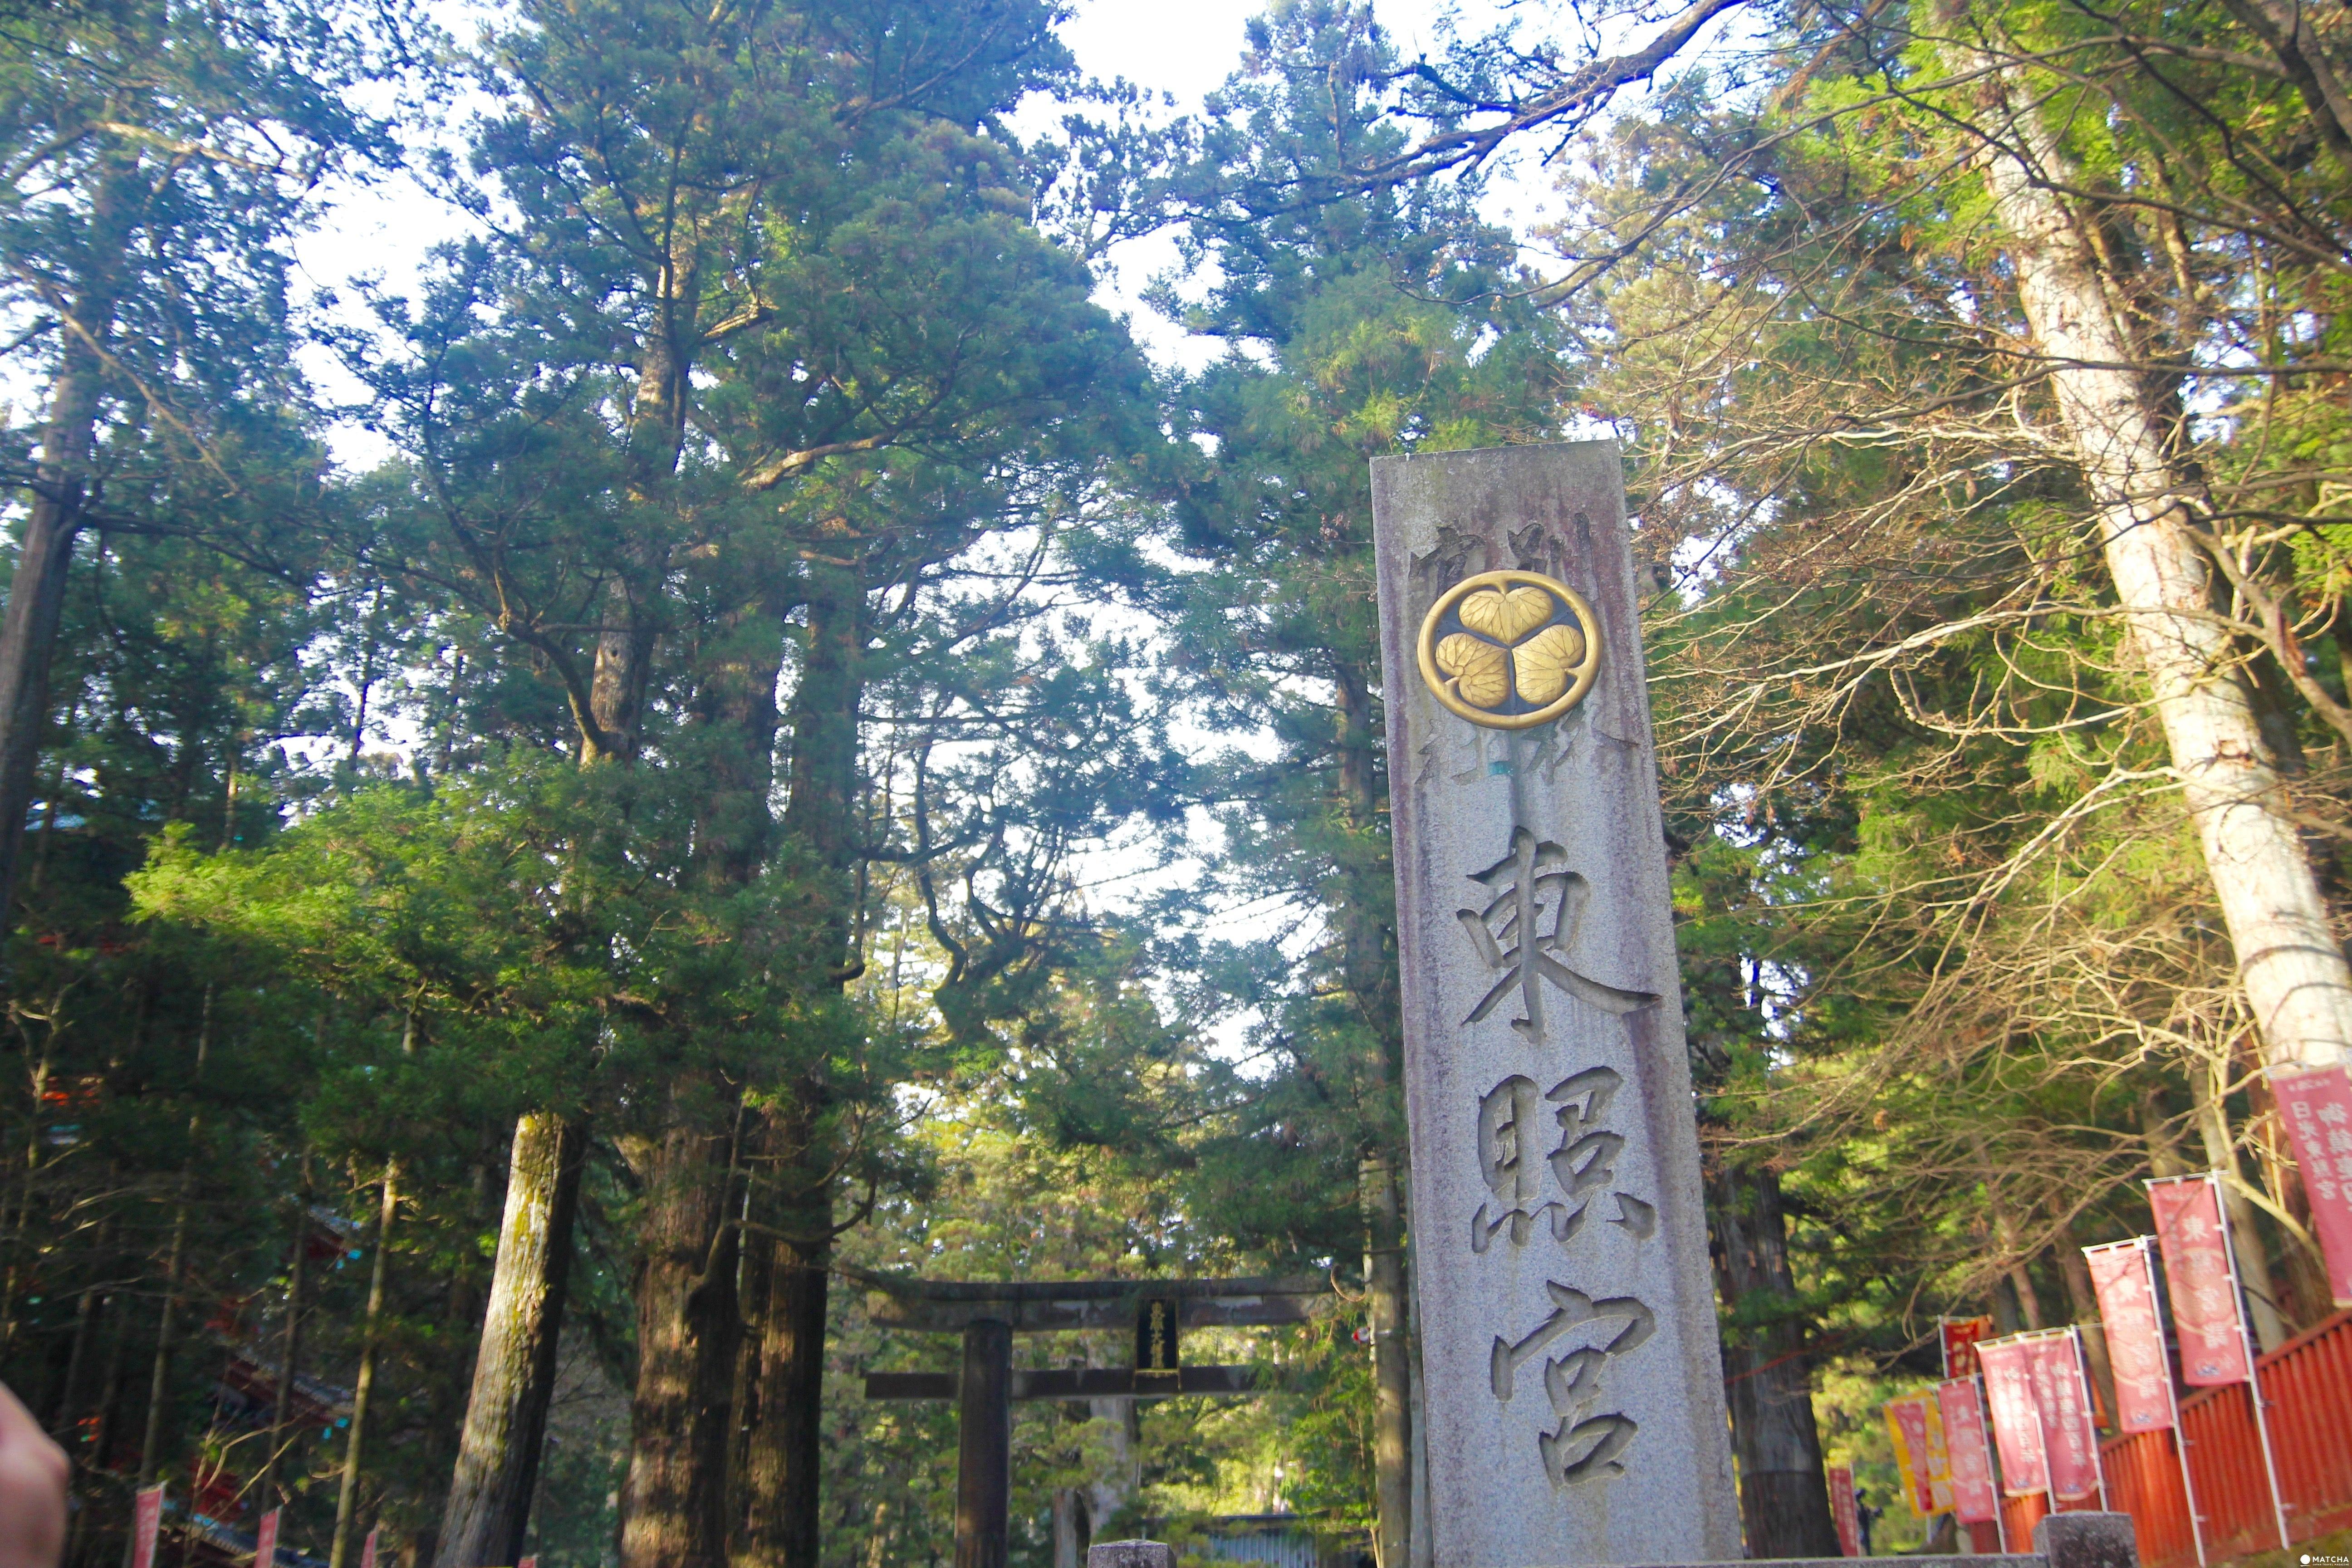 不用再繞到東京,教你如何從機場直衝世界遺產「日光東照宮」